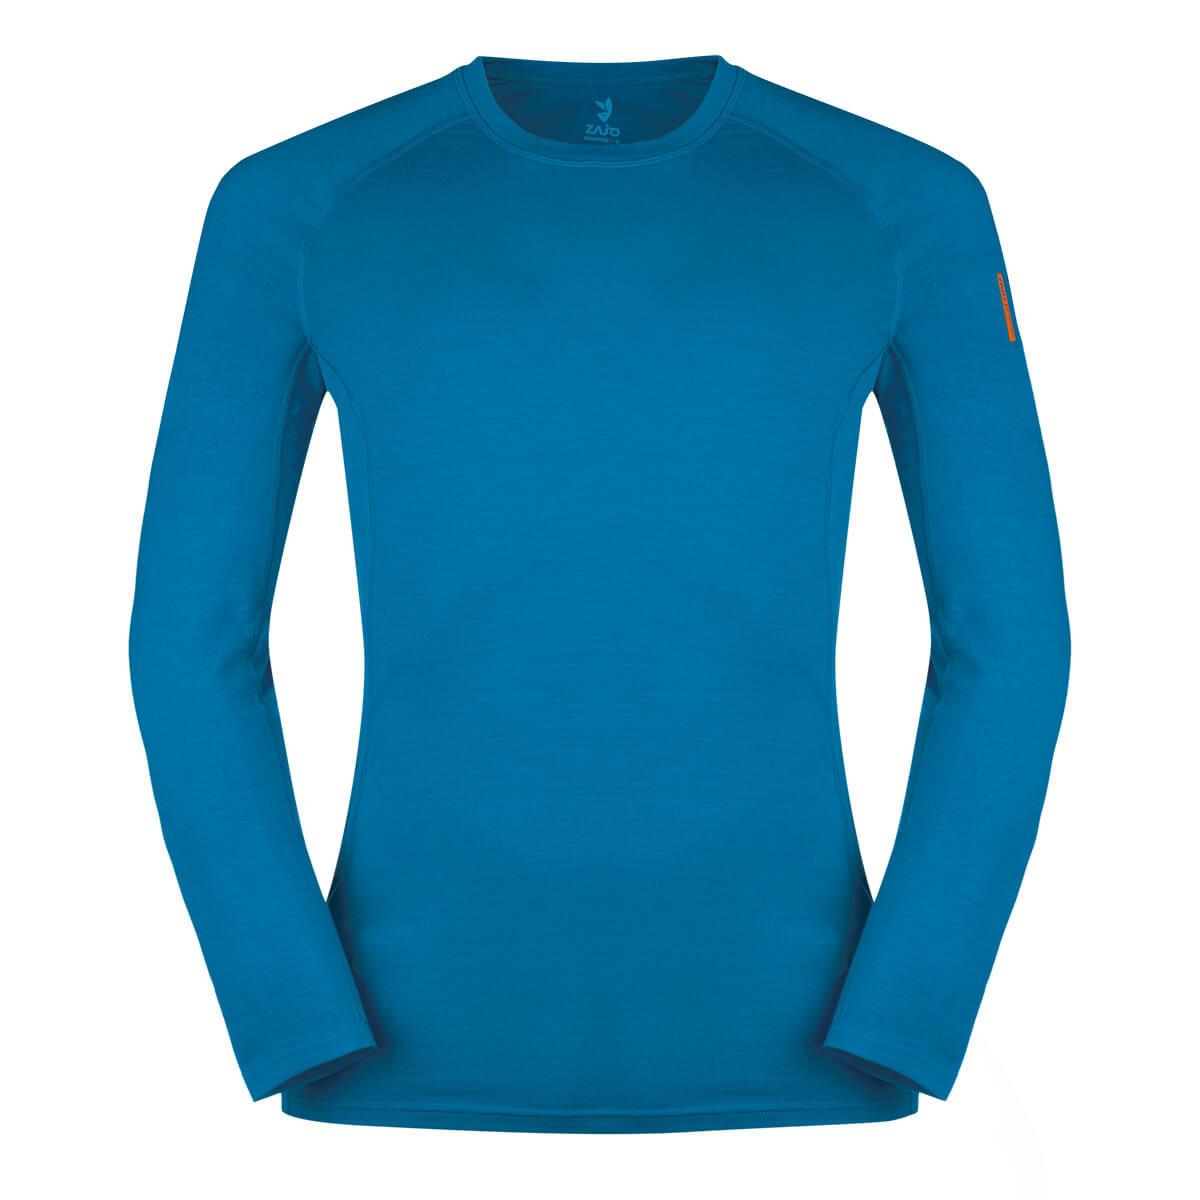 Pánske tričko Zajo Bjorn Merino Nylon T-shirt LS Greek Blue - veľkosť S